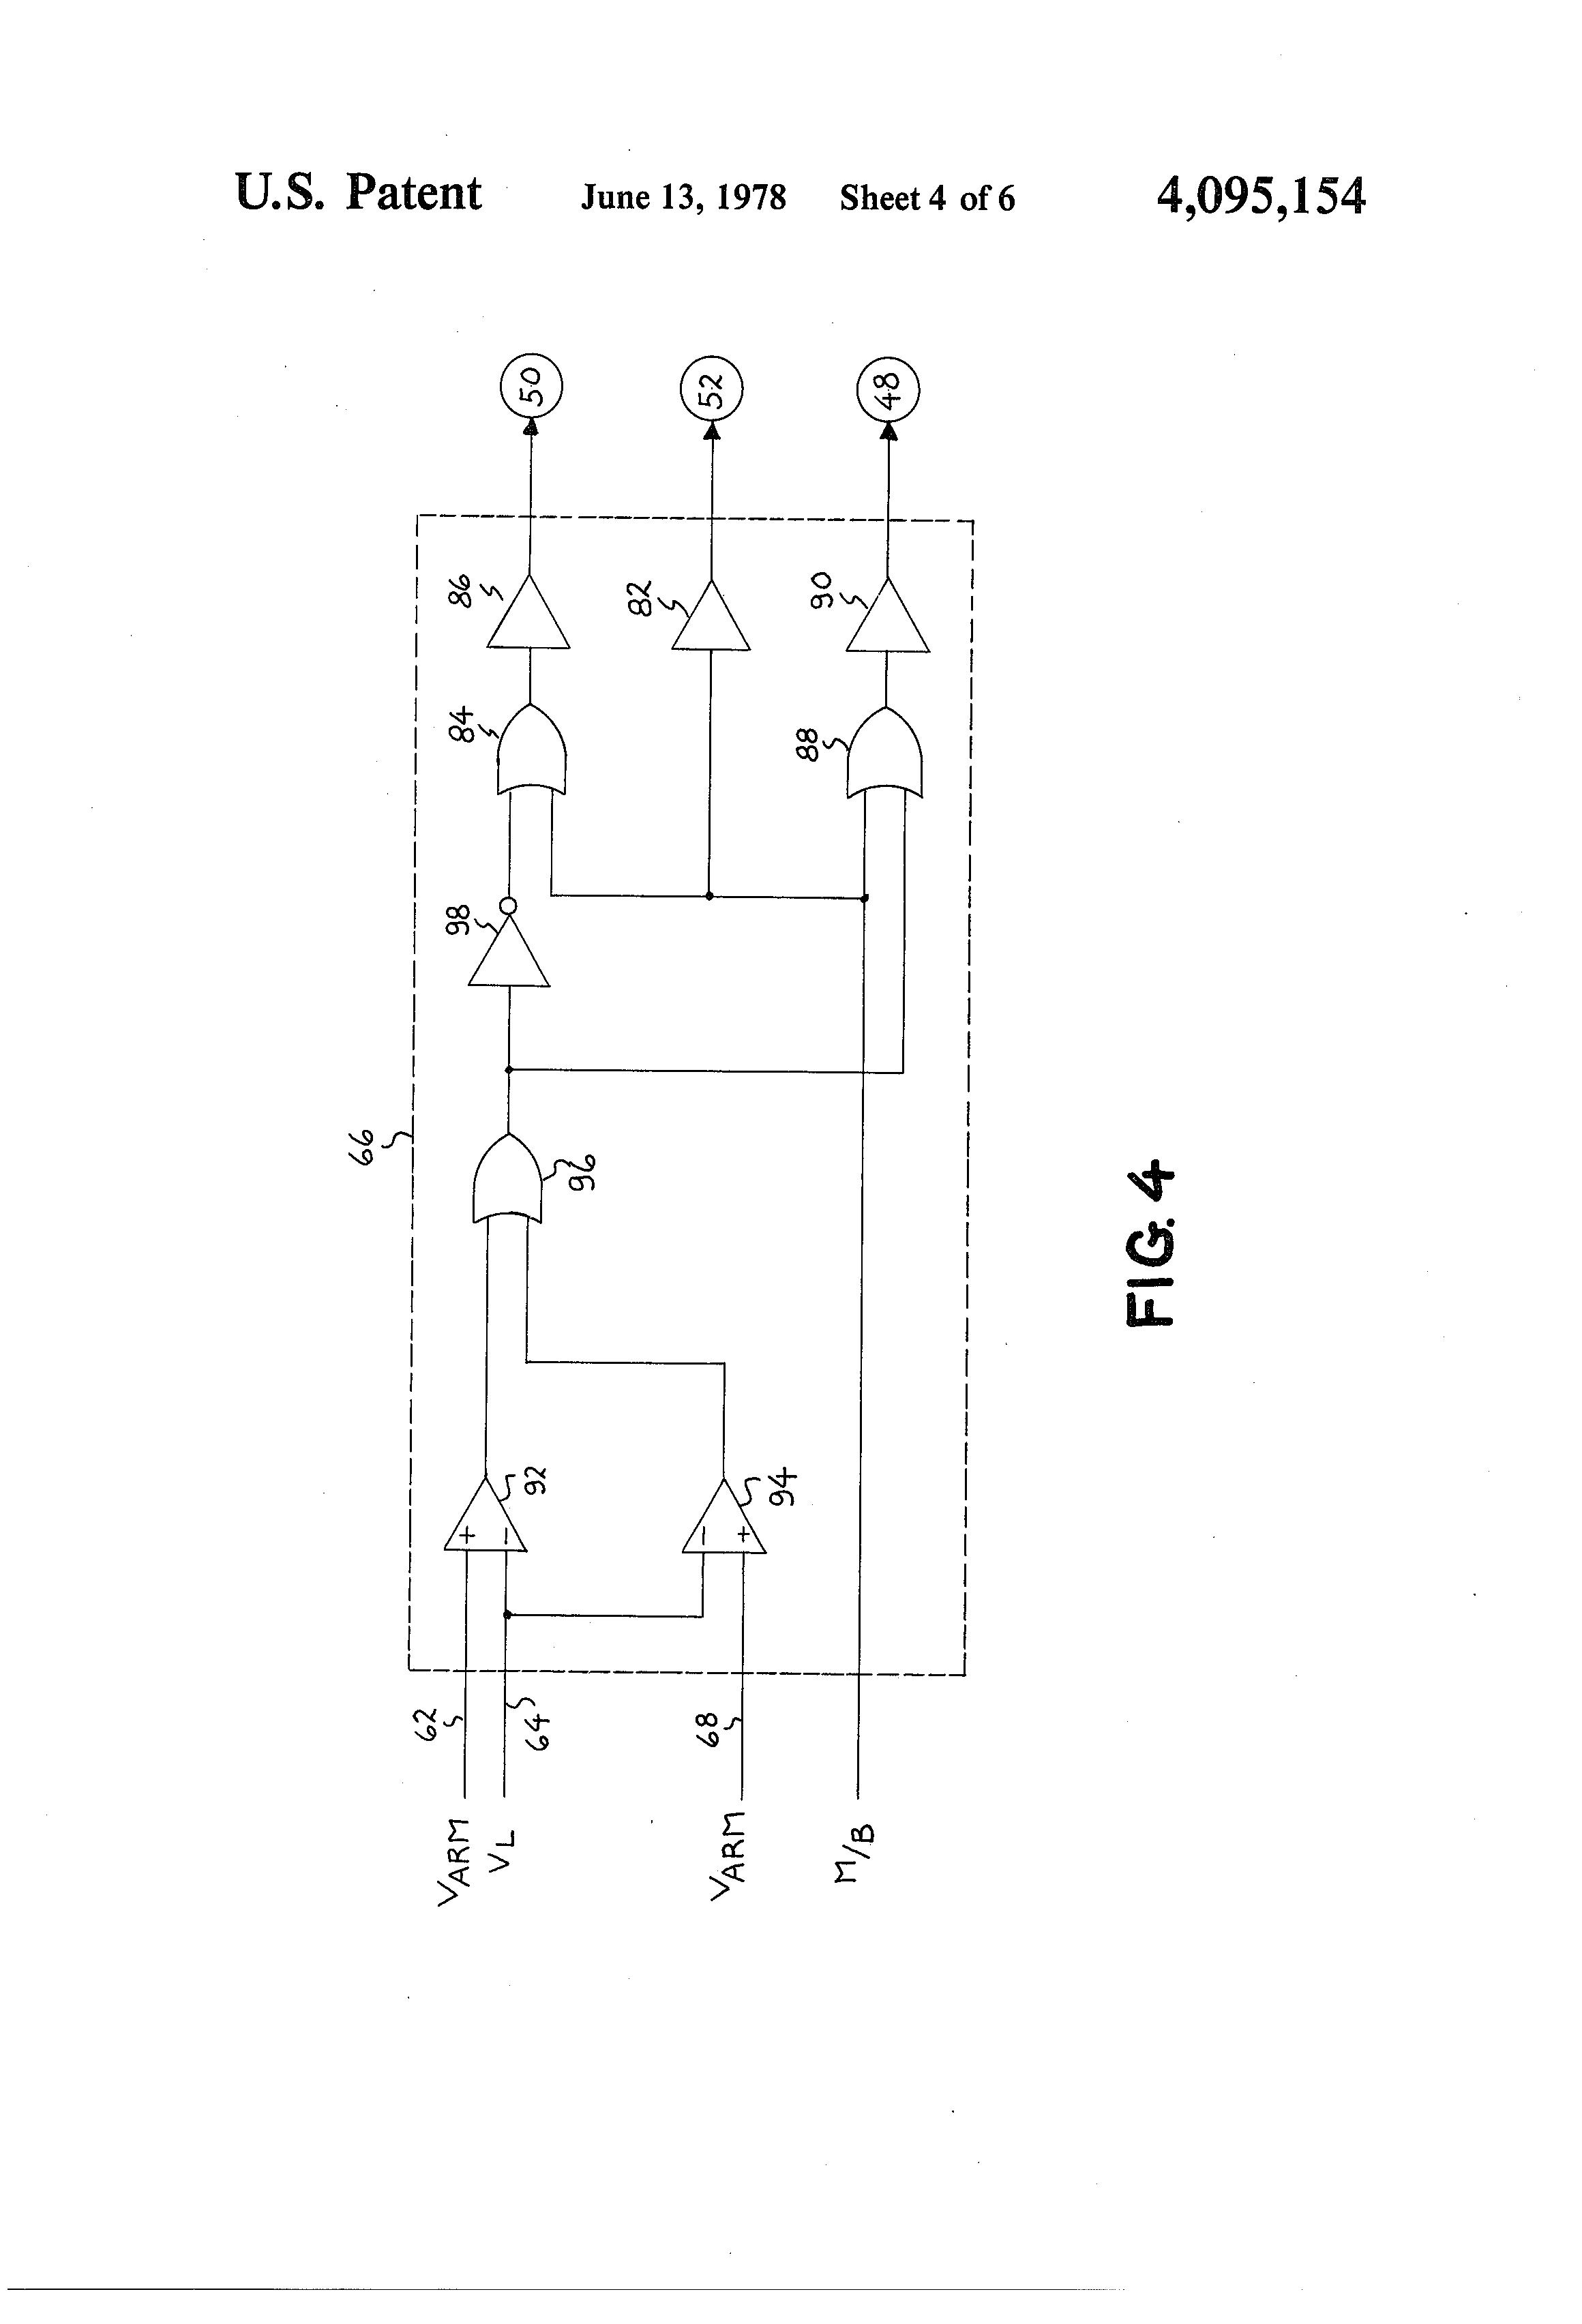 regenerative braking of dc series motor